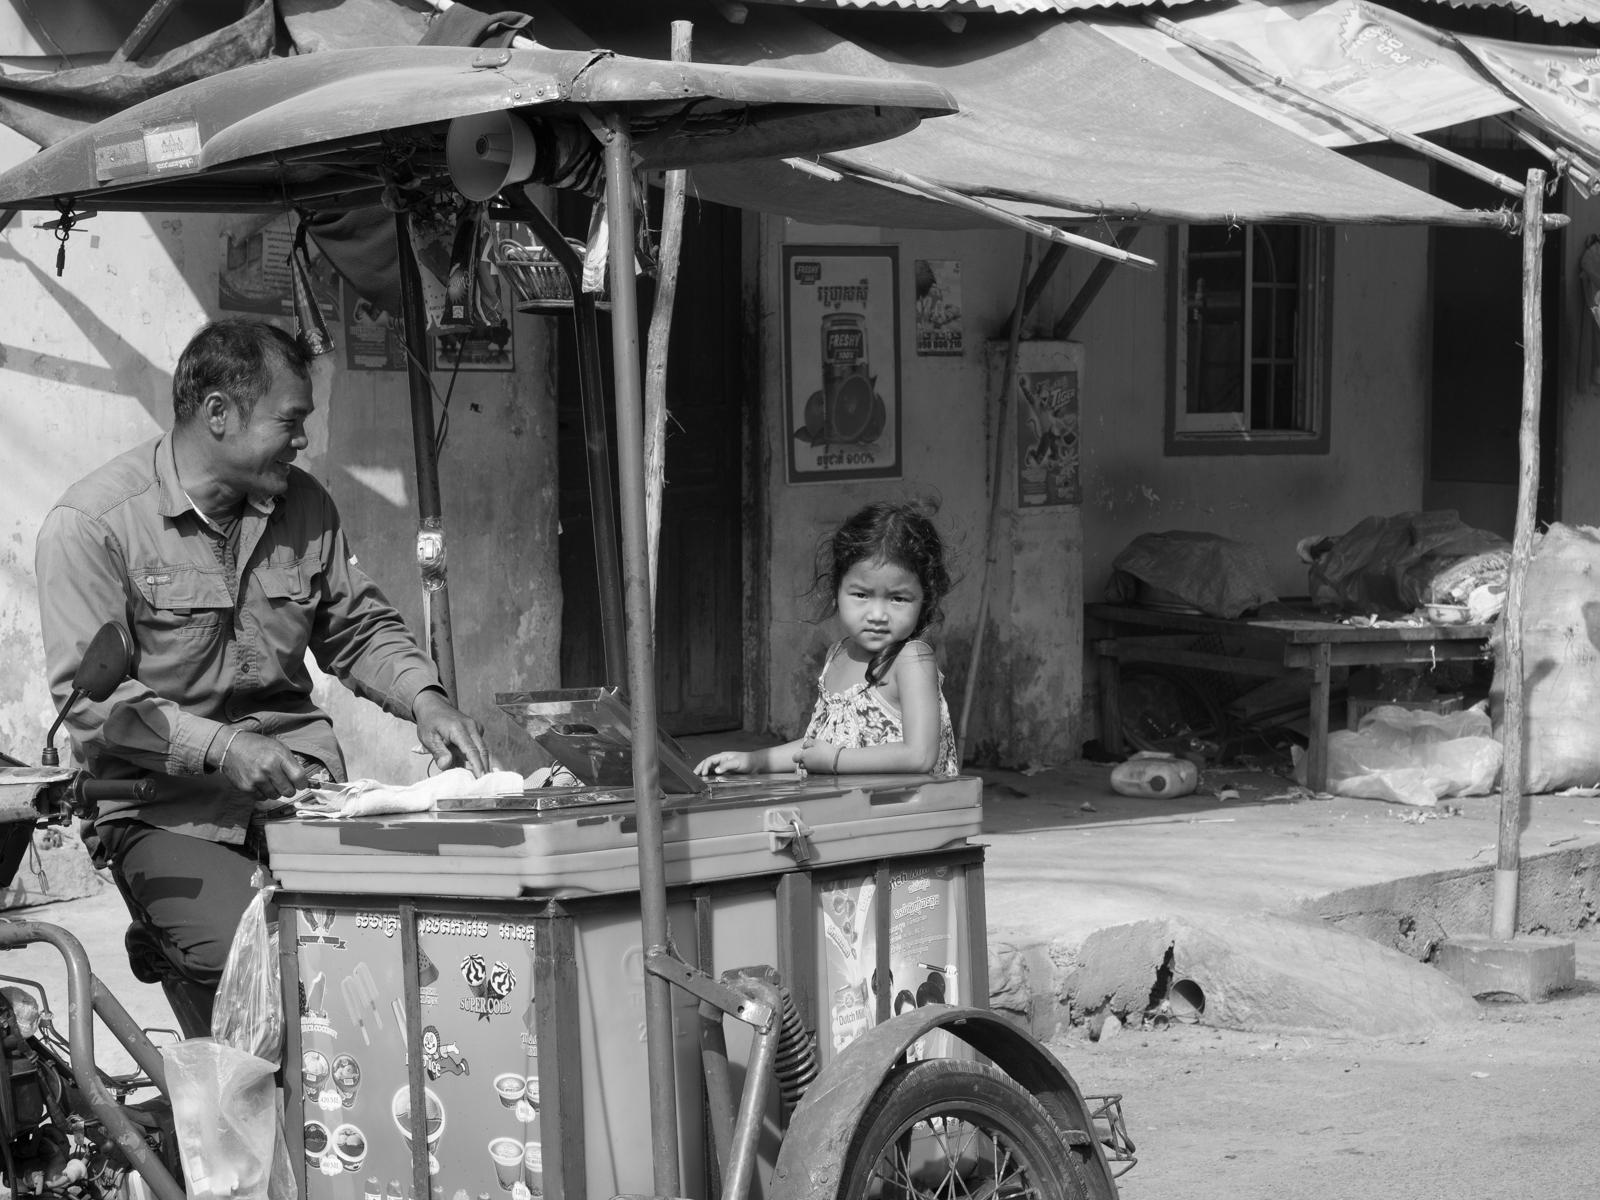 Cambodge-nb-1